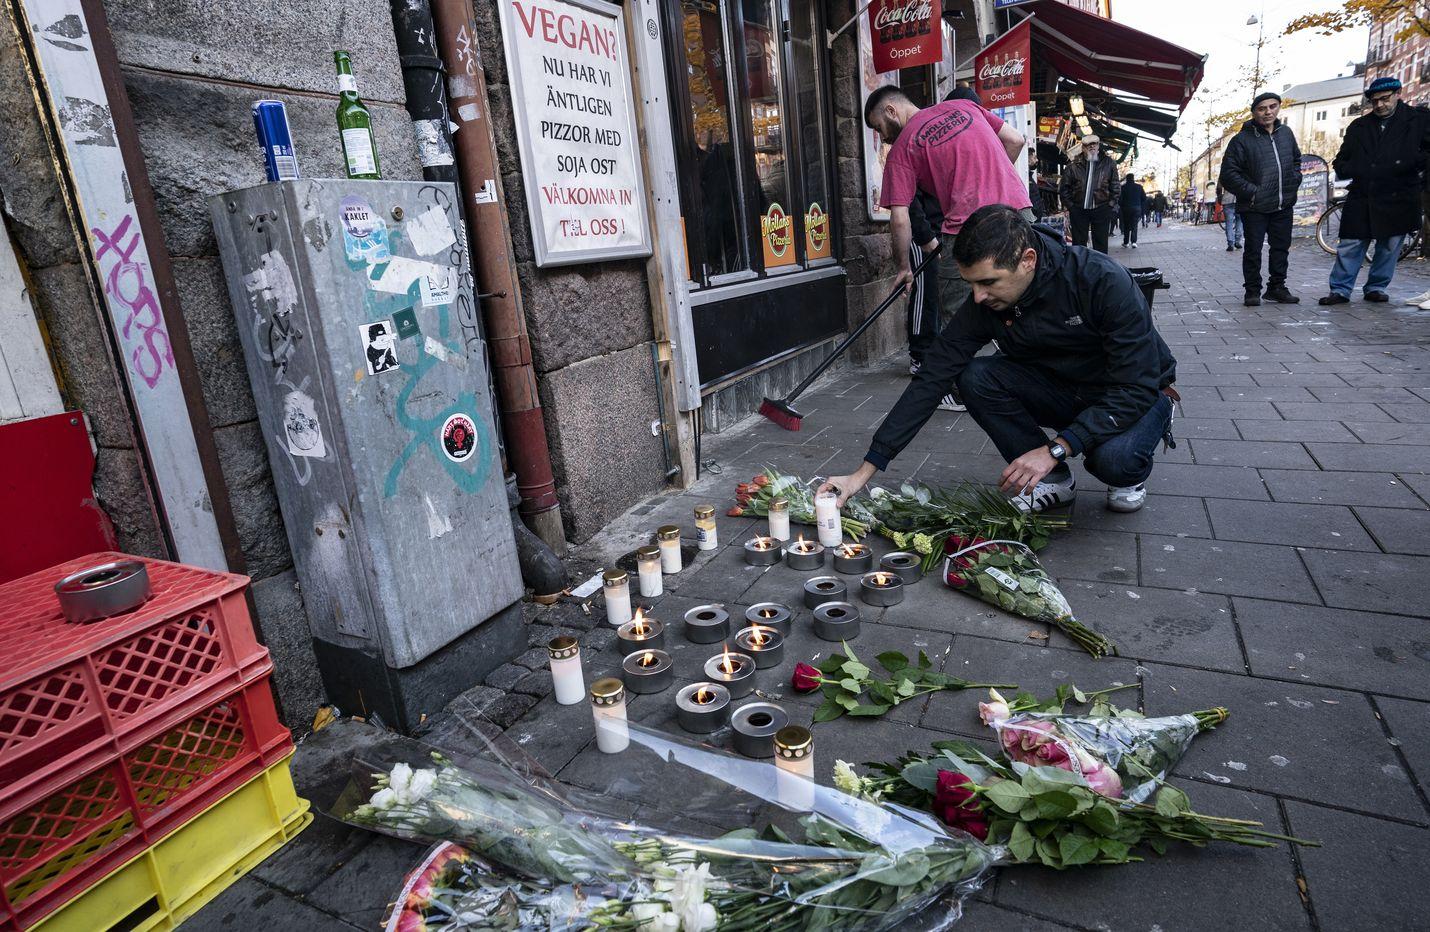 Teini-ikäinen poika ammuttiin kuoliaaksi pitseriassa Malmössa viime viikonloppuna.